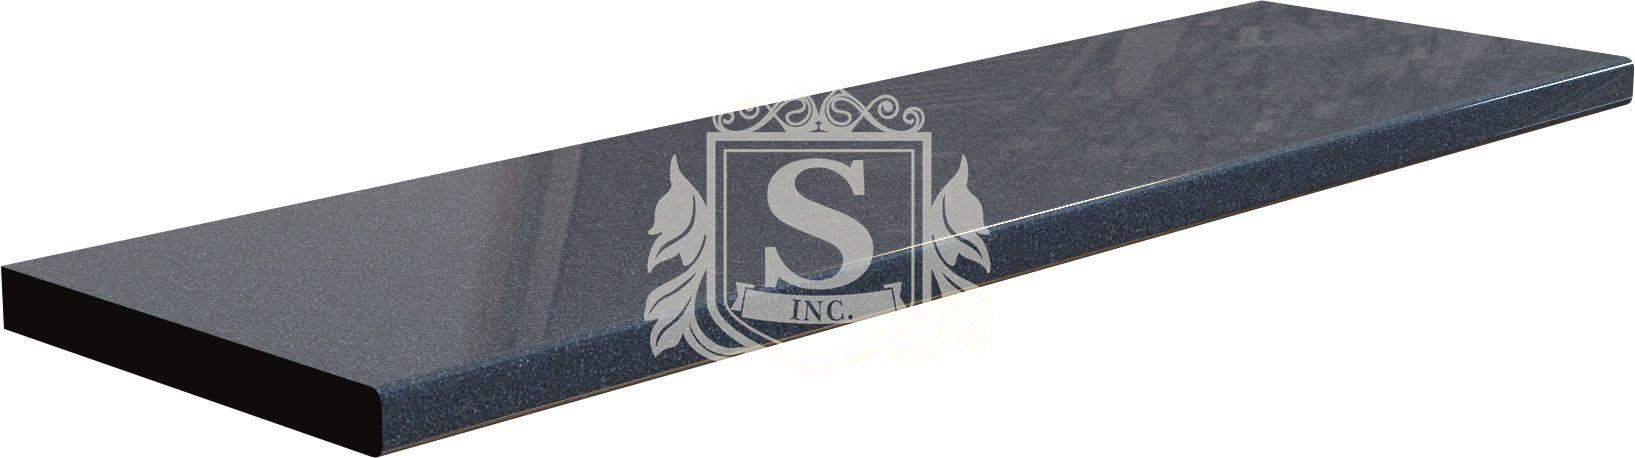 Столешница «Керамика черная» 1 м.п (28 мм)